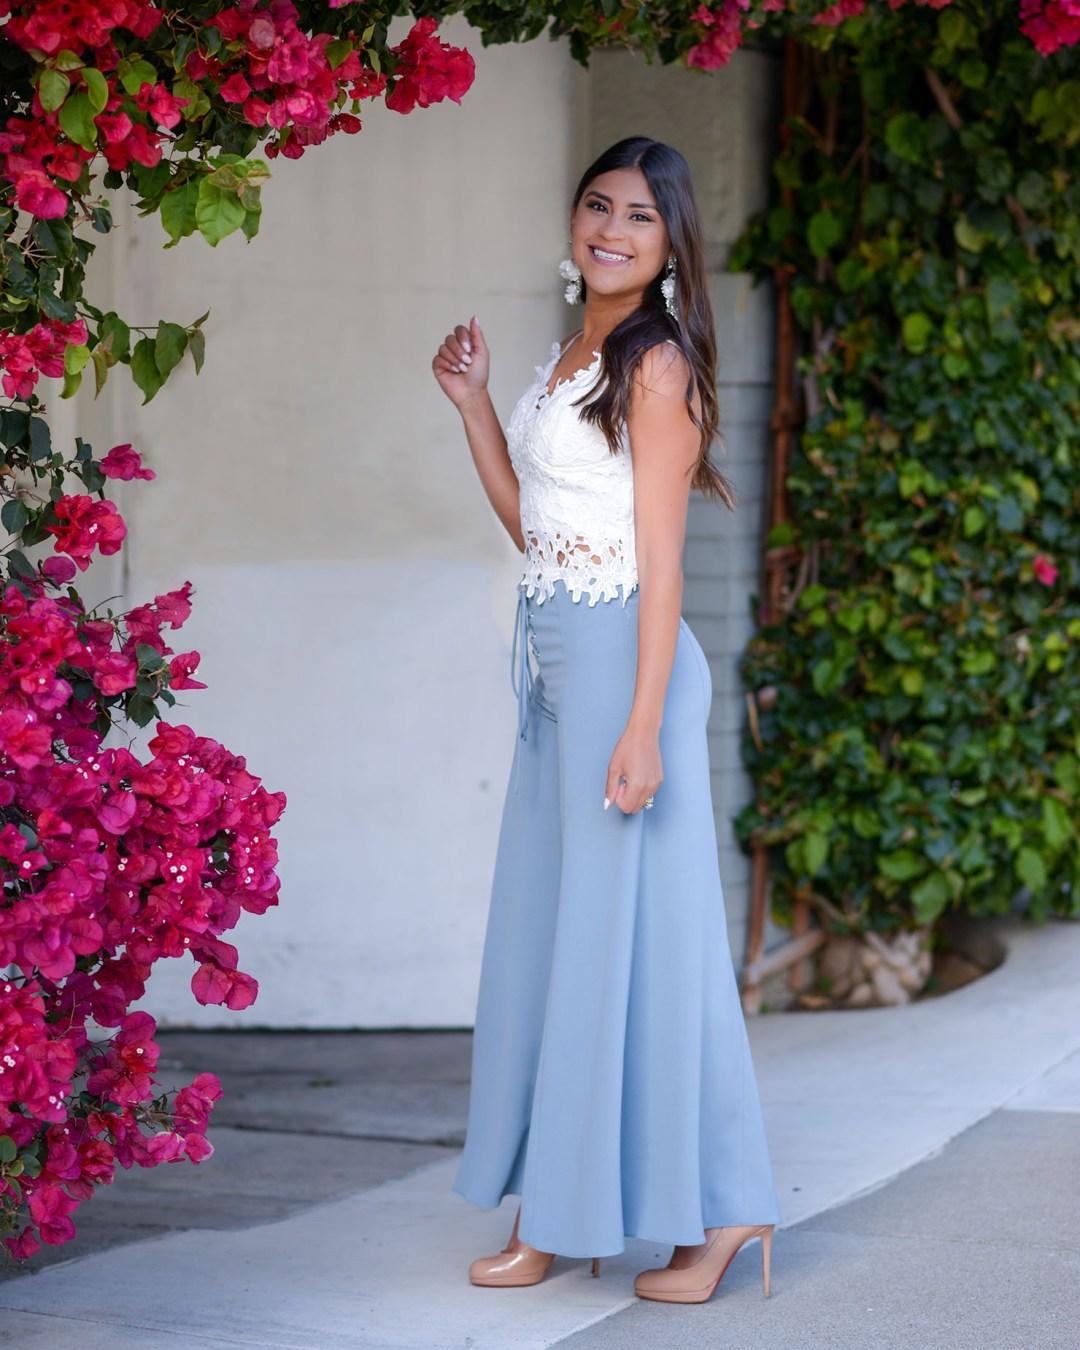 Lifestyle blogger Kelsey Kaplan of Kelsey Kaplan Fashion wearing blue wide leg pants and nude Louboutin pumps